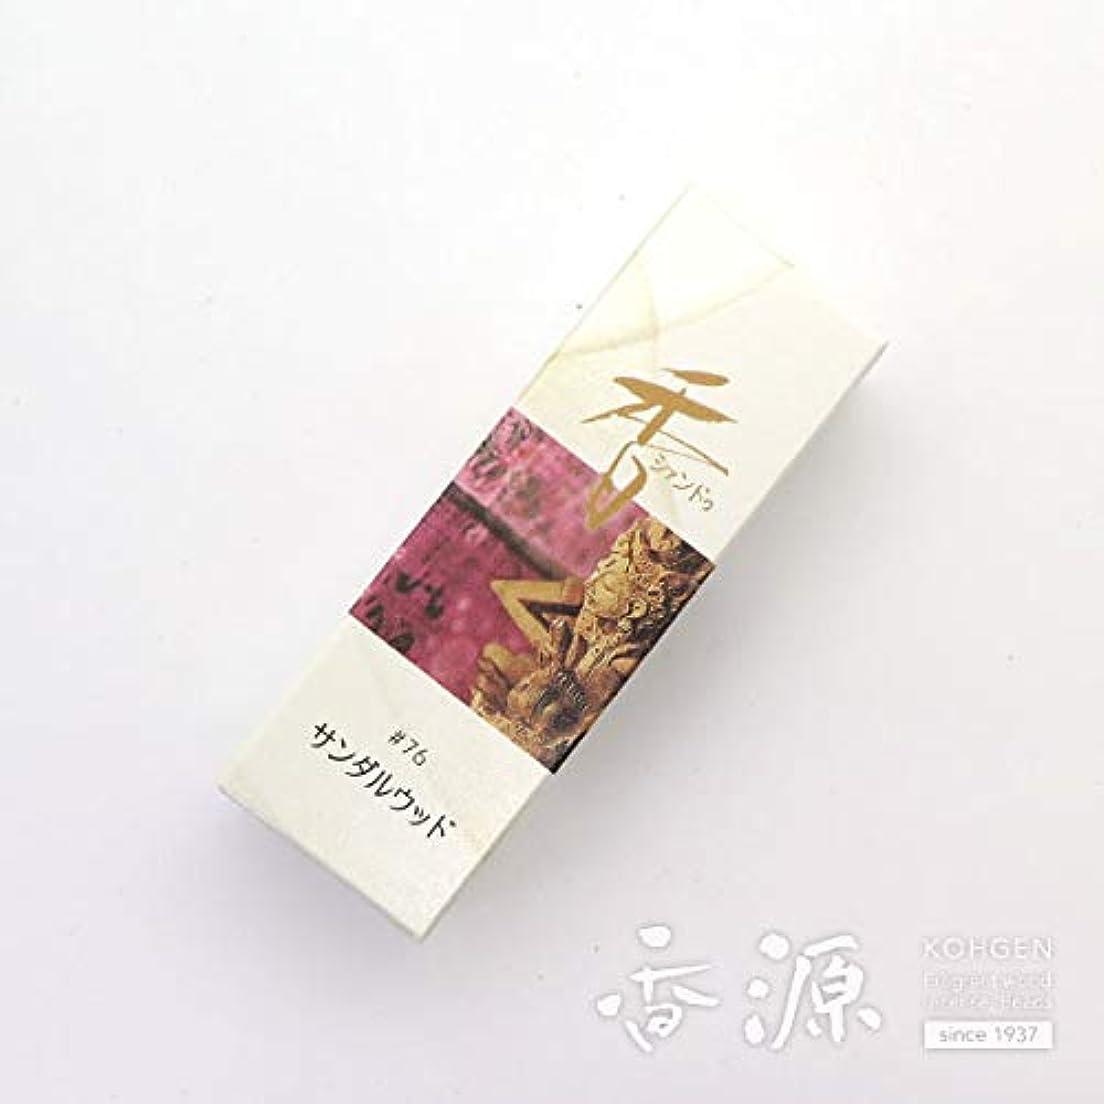 センチメンタルコンクリート大胆不敵松栄堂のお香 Xiang Do サンダルウッド ST20本入 簡易香立付 #214276